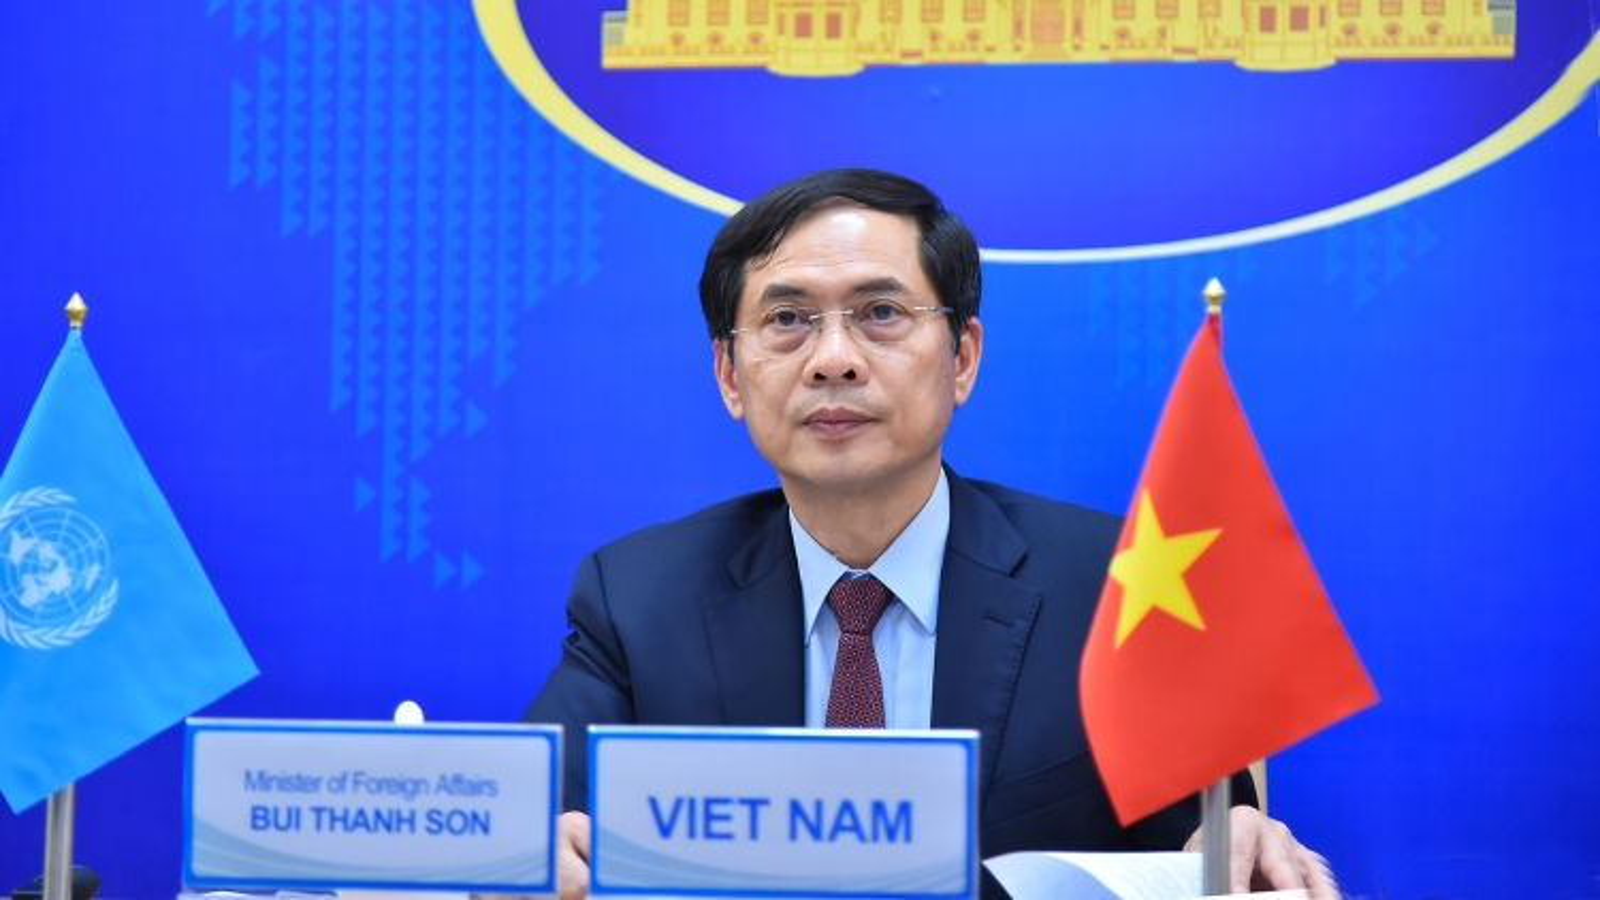 Bộ trưởng Ngoại giao Trung Quốc gửi điện mừng Bộ trưởng Ngoại giao Bùi Thanh Sơn